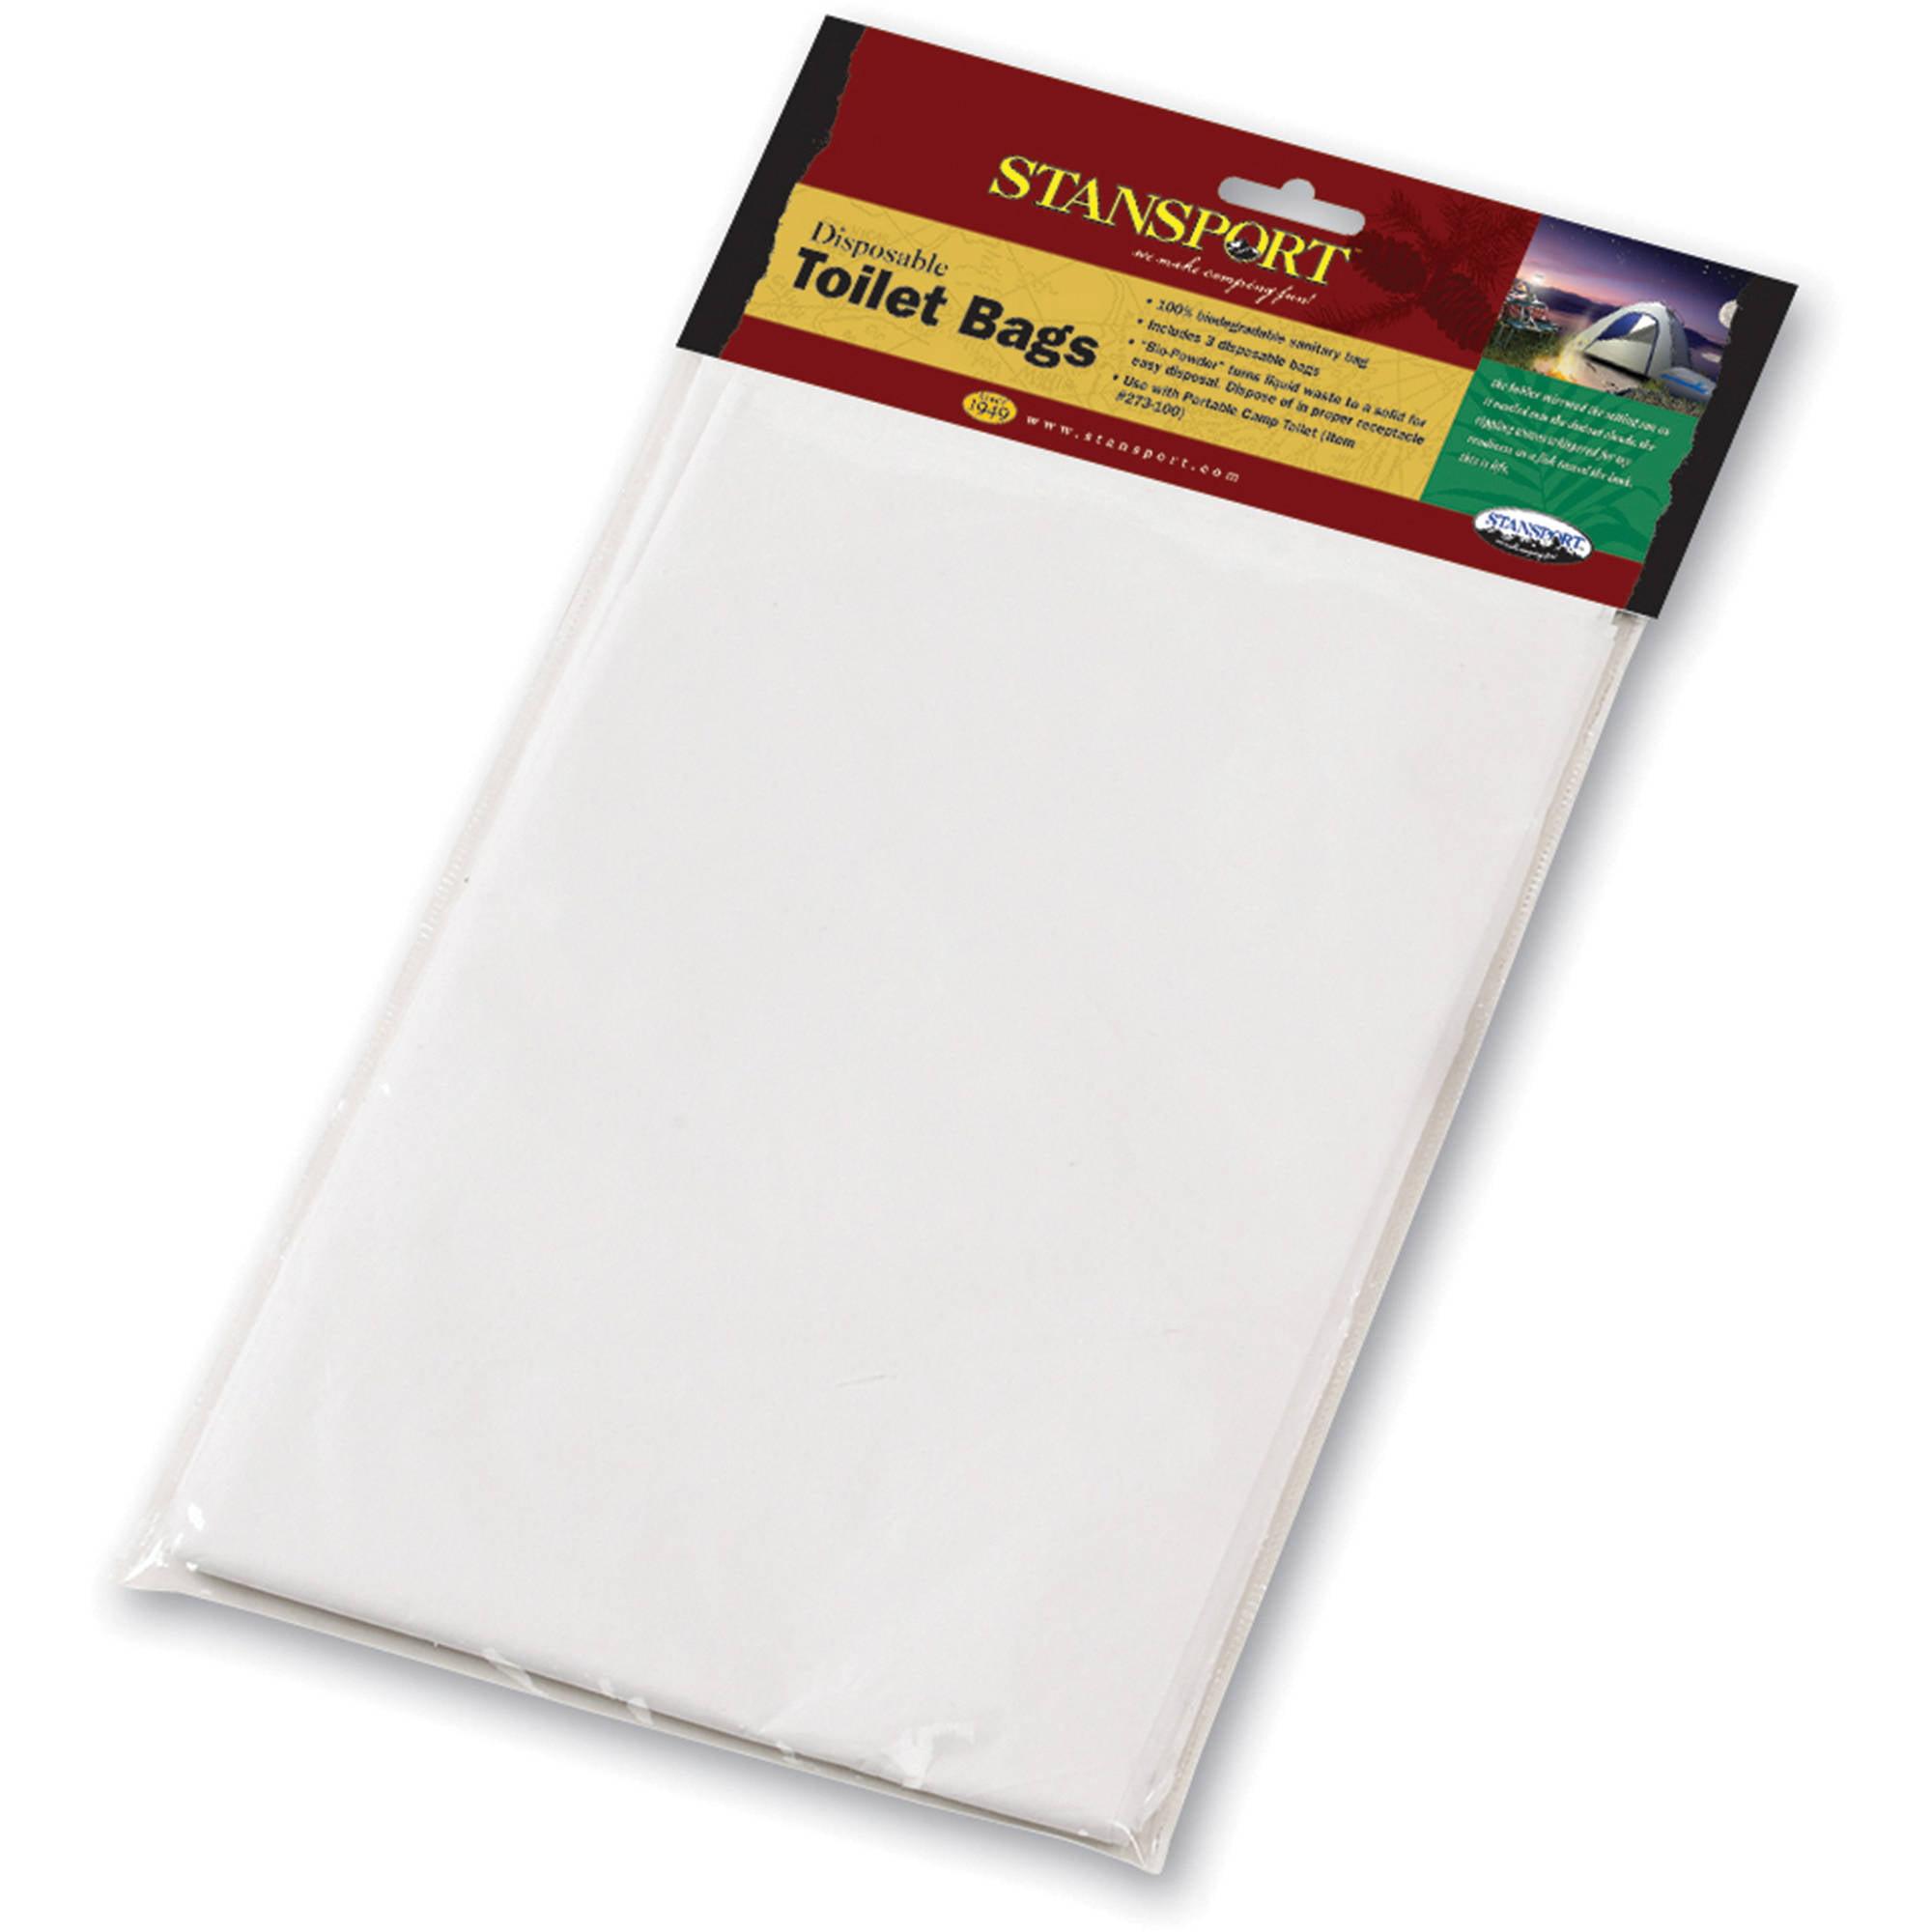 Stansport Easy-Go Portable Toilet Sanitary Bags, 3pk